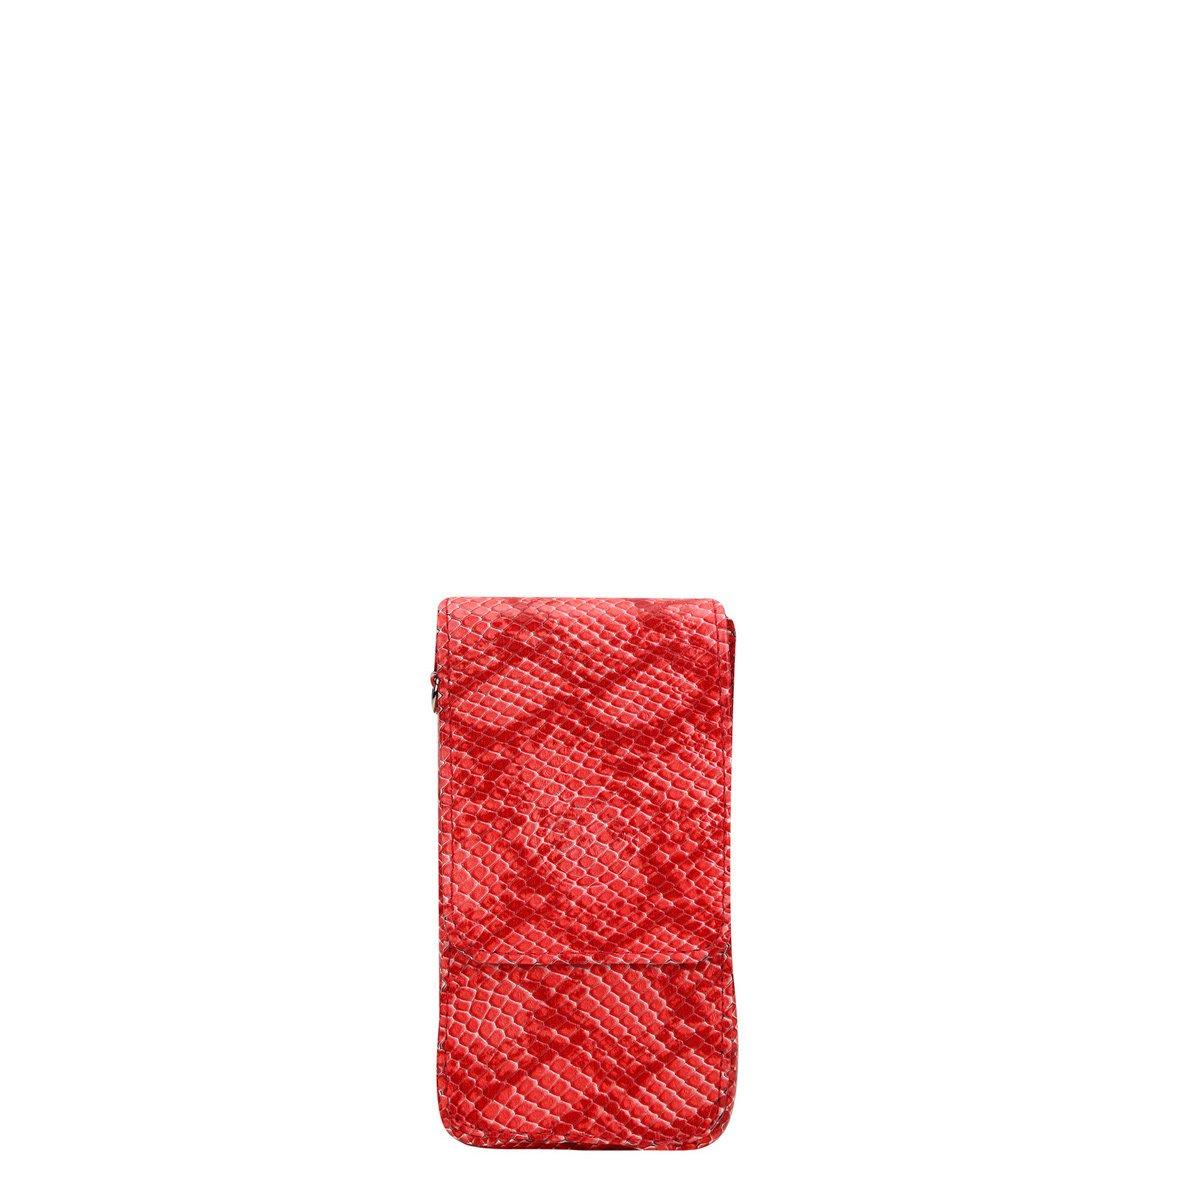 f8ba72ebb Bolsa Couro Shoestock Porta Celular E Cartão Feminina - Compre Agora |  Zattini